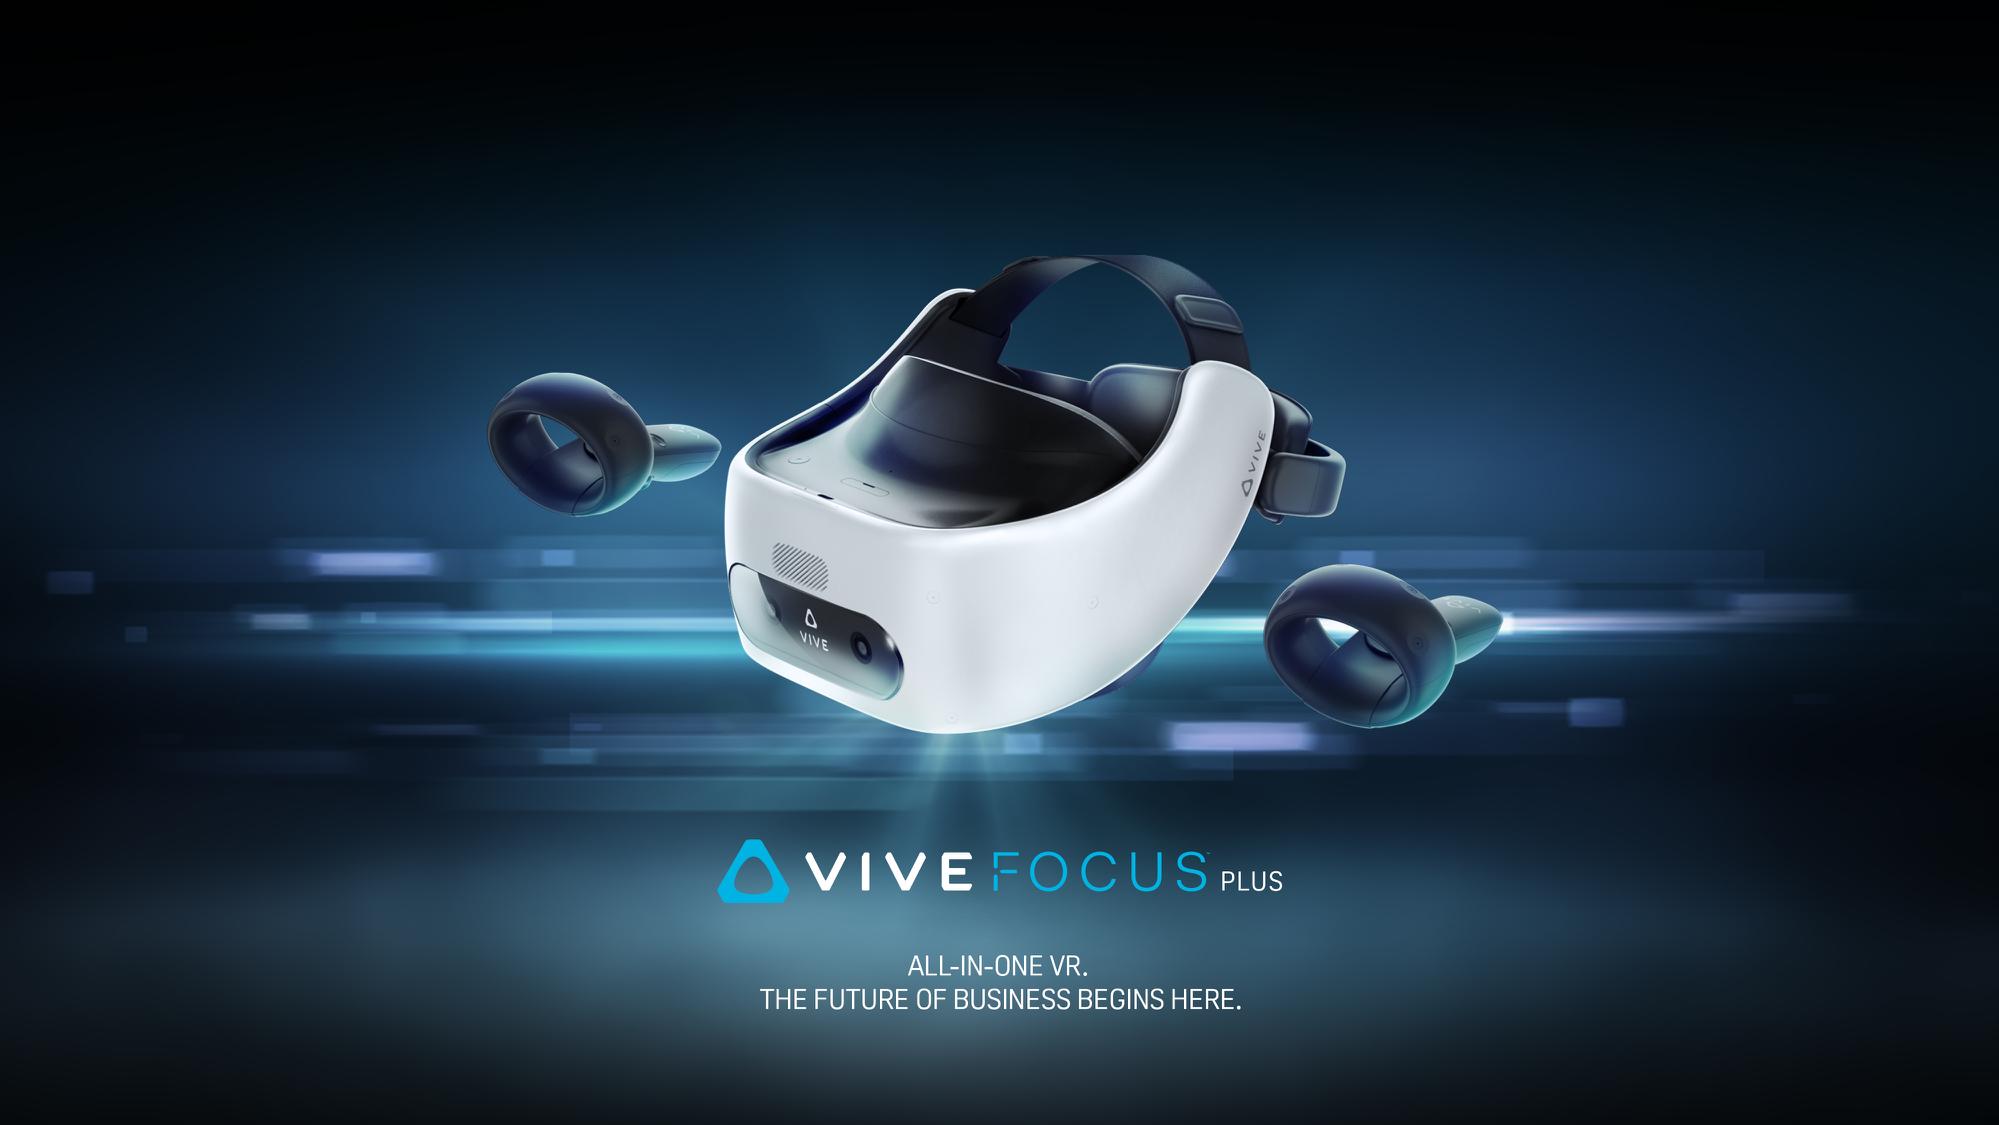 HTC VIVE: preț, disponibilitate, conectivitate și lentile optimizate pentru headset-ul VIVE FOCUS PLUS